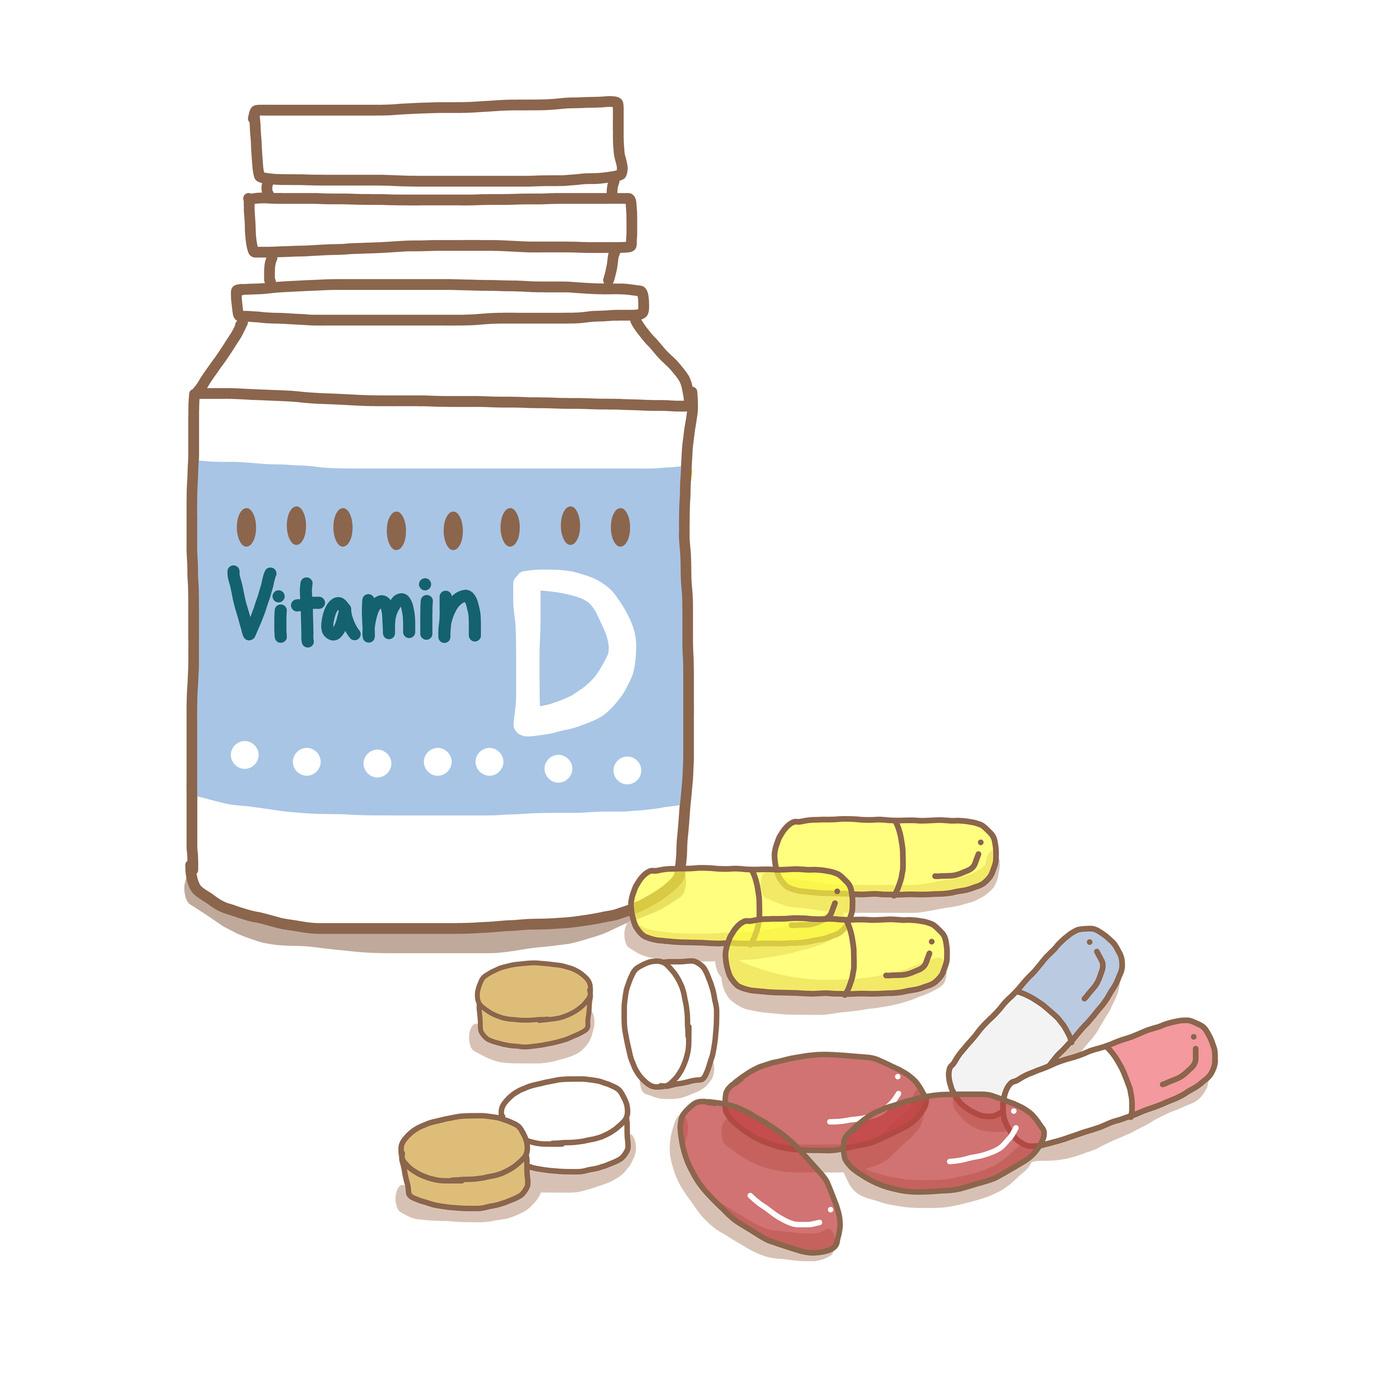 発達障害の一つである自閉症スペクトラムの治療としてビタミンDの投与が効果あり